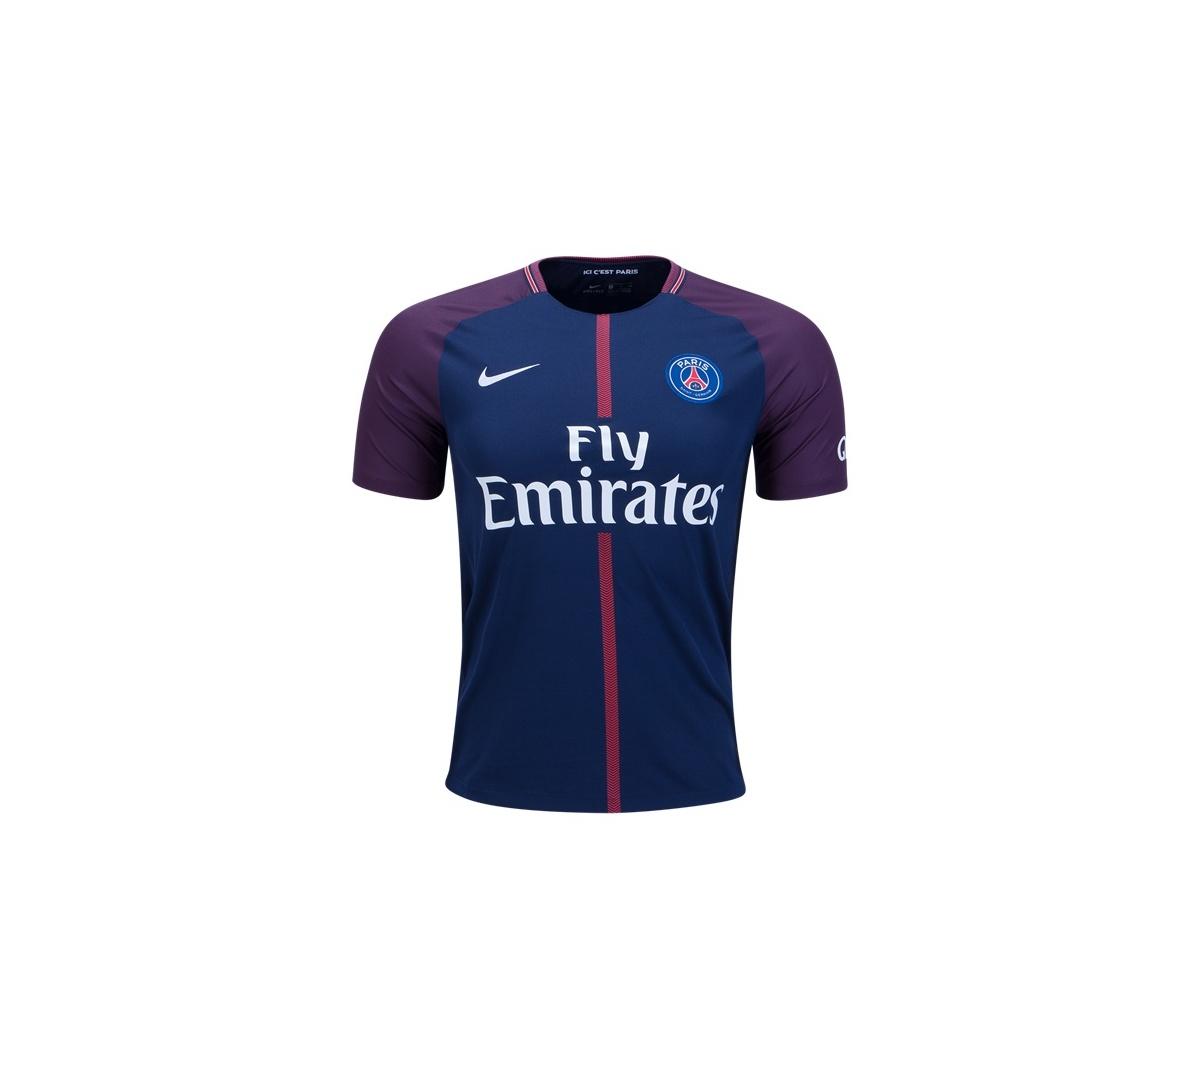 Camisas paris saint germain 5dcaea04e4a60